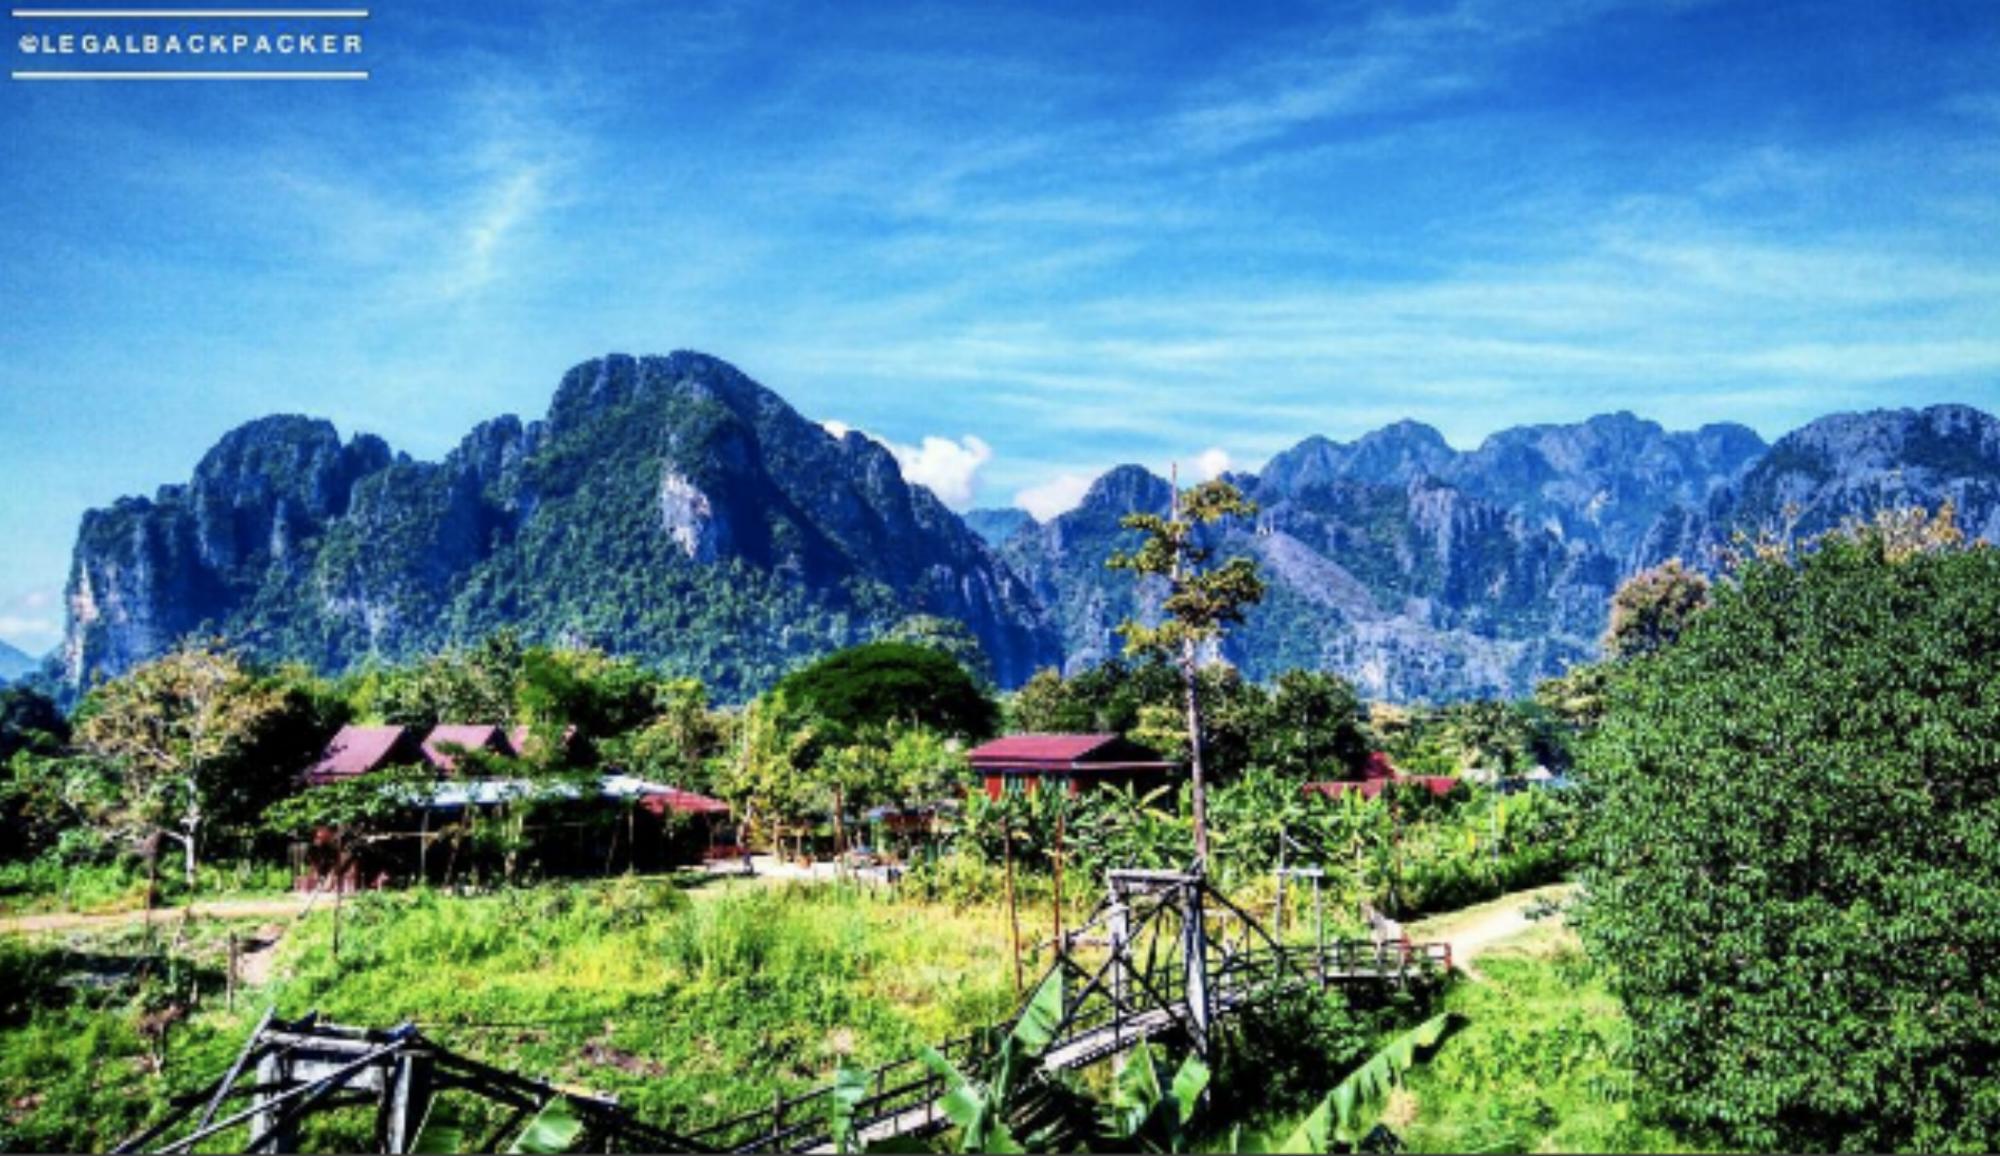 Laos, December 2016